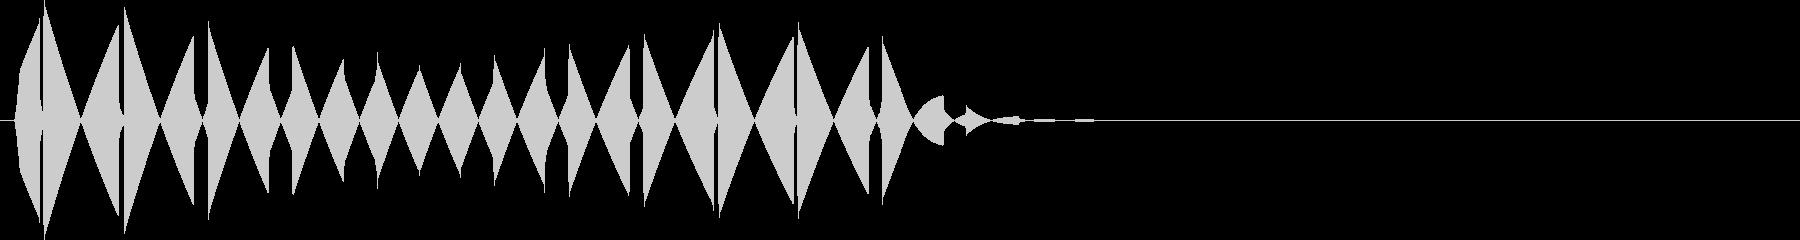 ブ(キャンセル、カーソル移動、行止まり)の未再生の波形